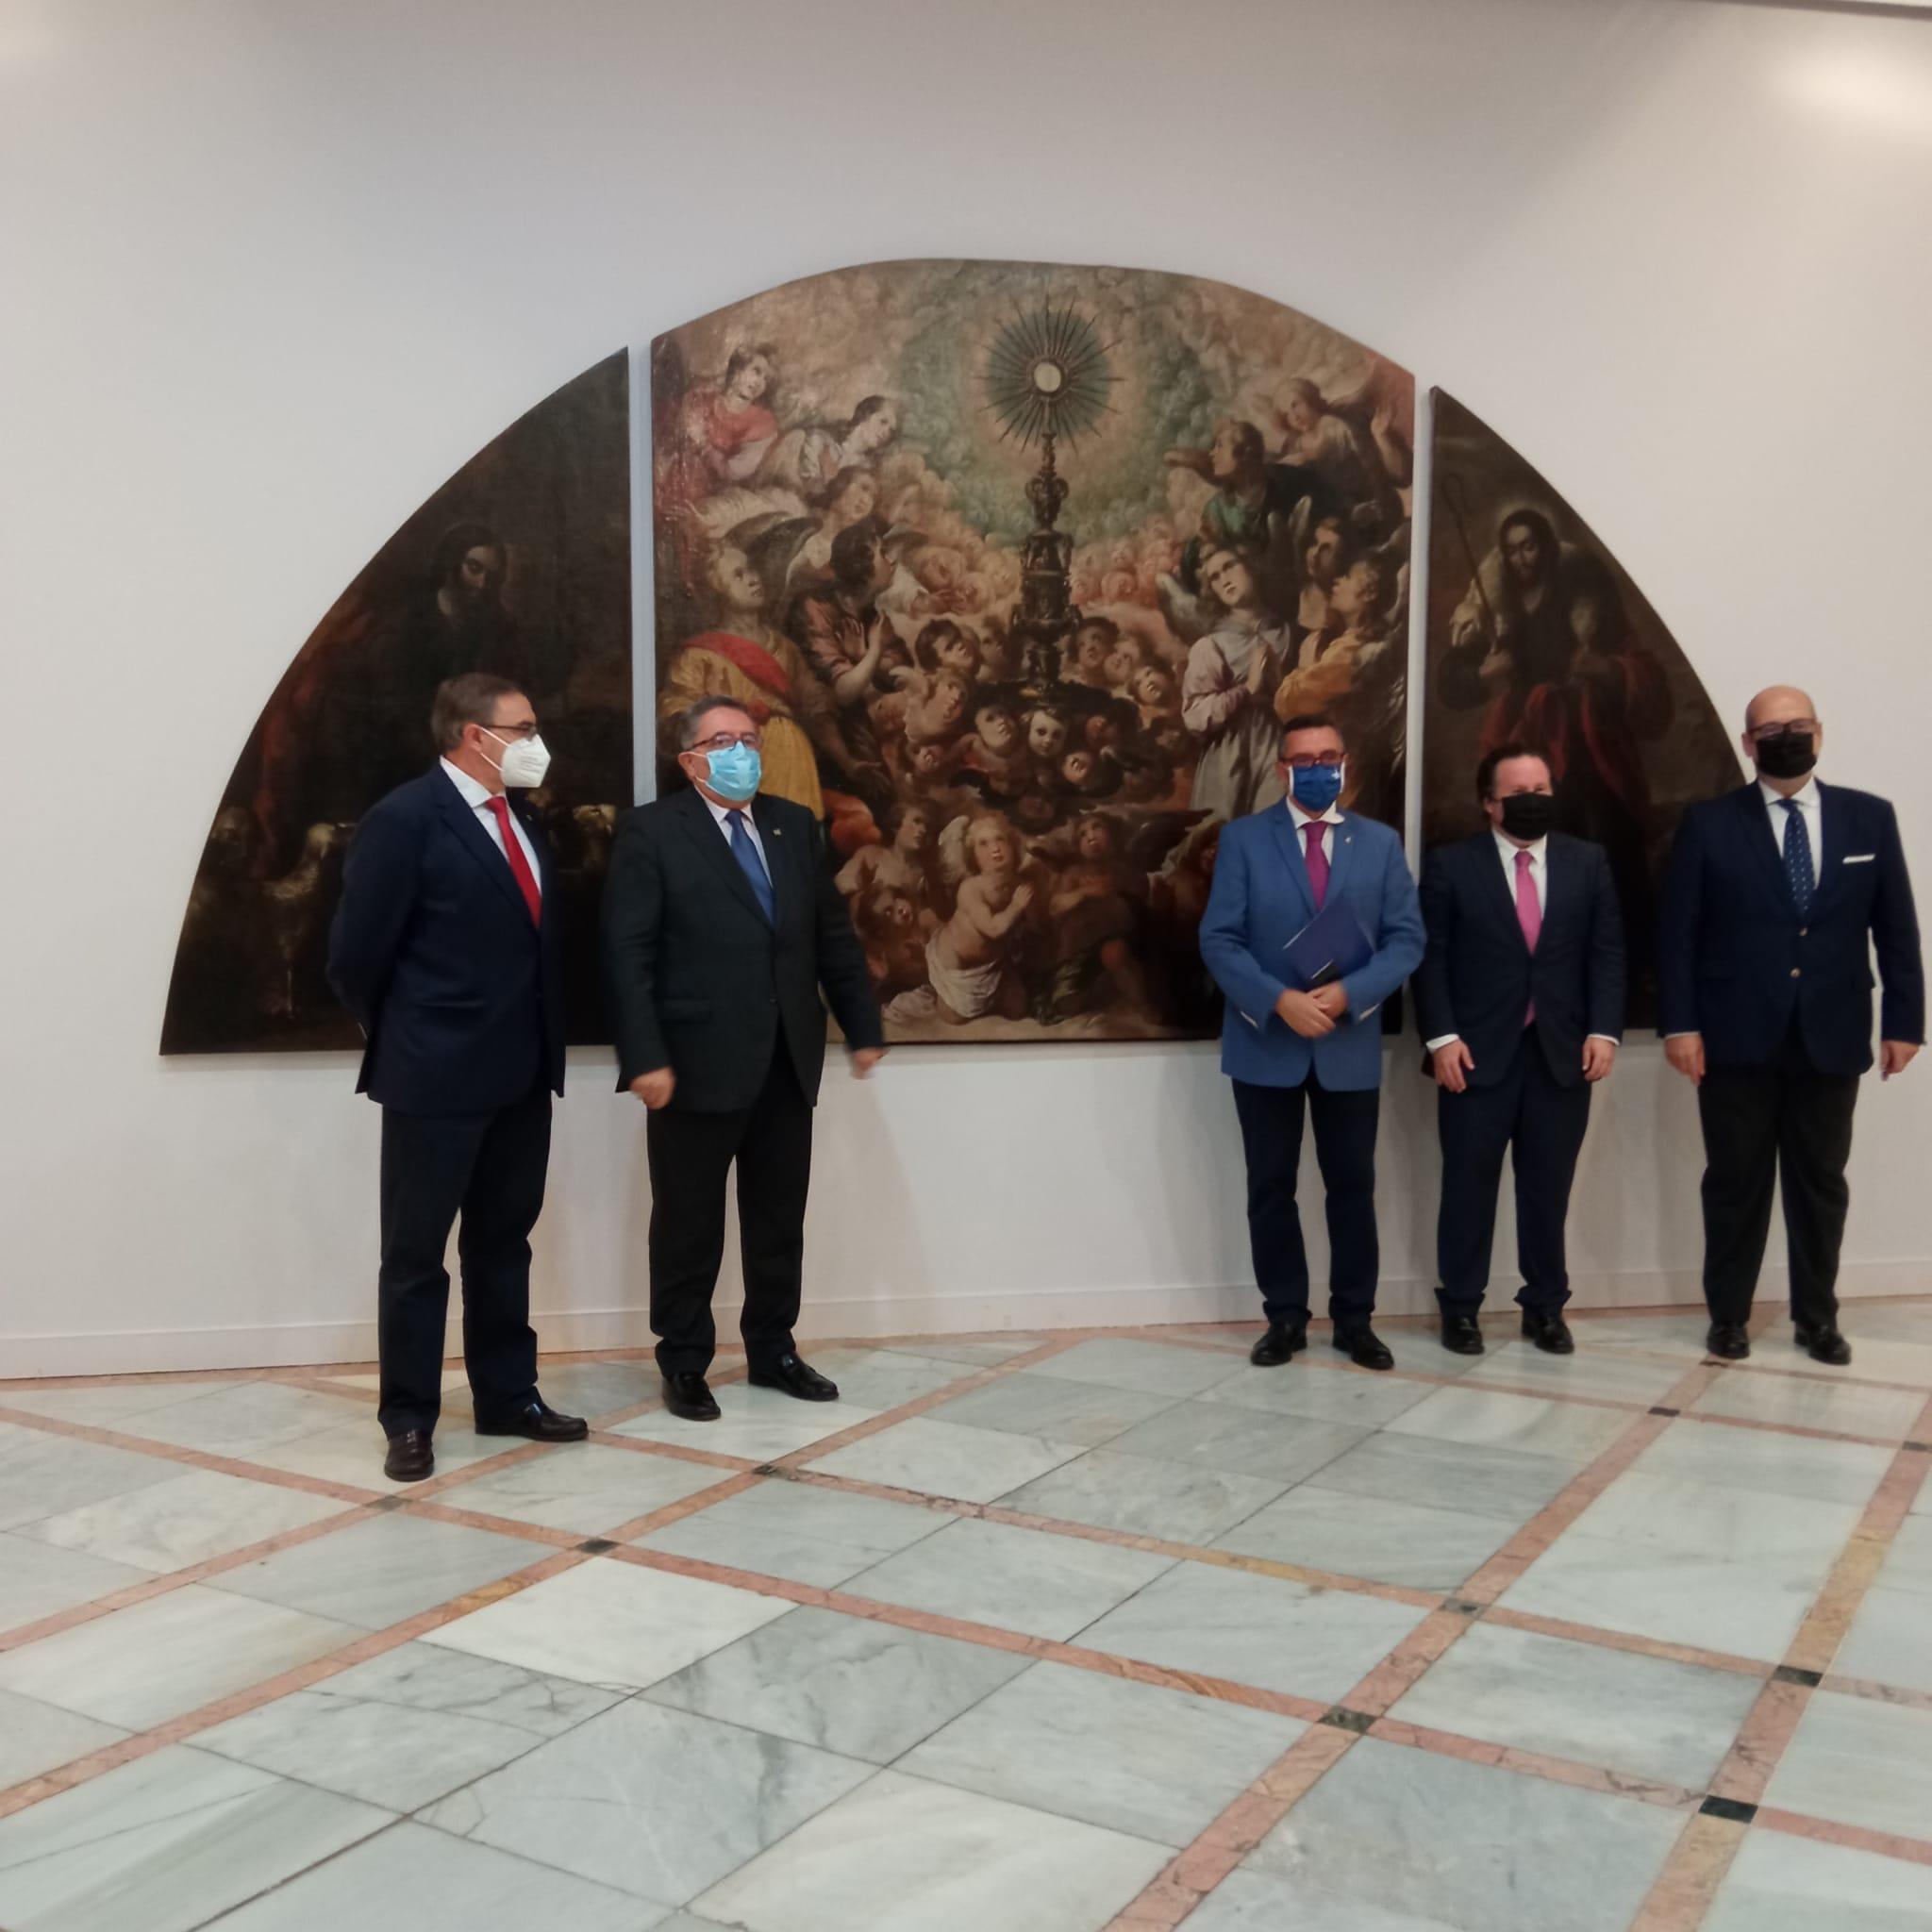 Las Siete Palabras presenta la restauración del cuadro «La Exaltación de la Eucaristía»